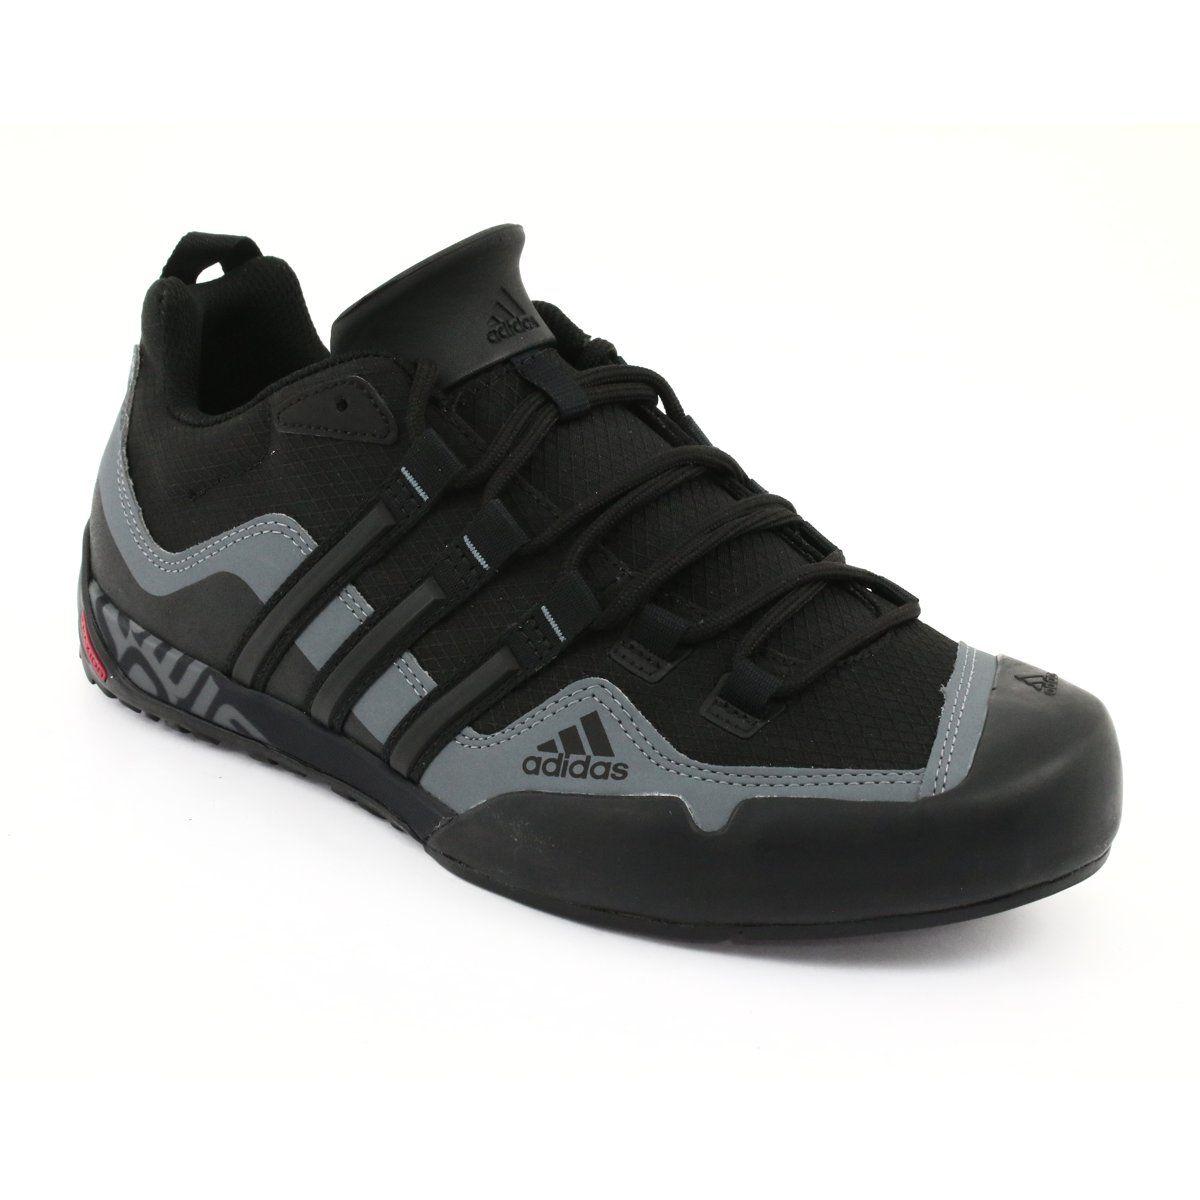 Buty Adidas Terrex Swift Solo M D67031 Czarne Szare Black Shoes Sports Shoes Adidas Sports Footwear